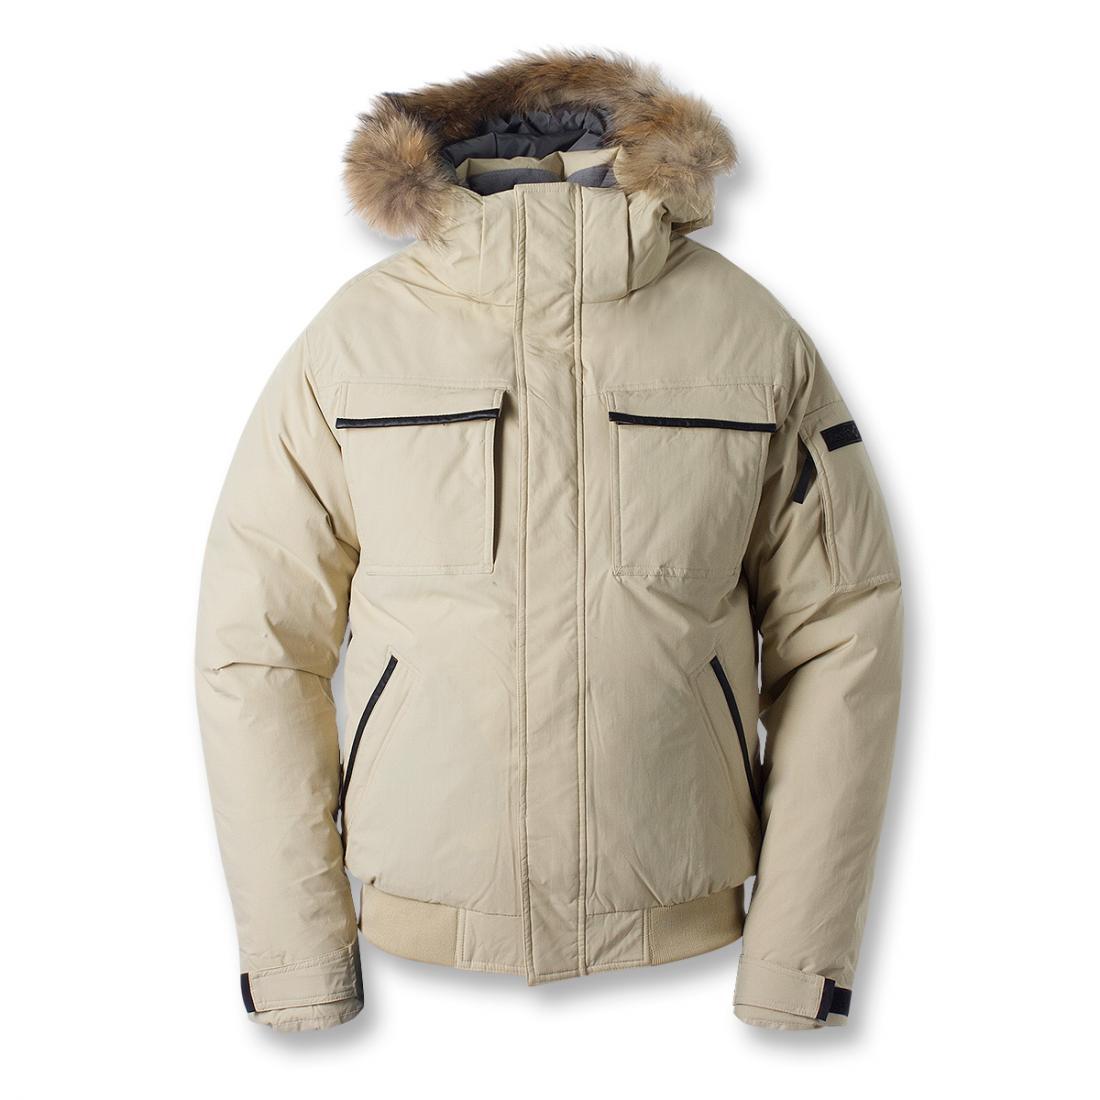 Куртка пуховая Logan IIКуртки<br>Укороченная мужская куртка с гусиным пухом. Непромокаемая верхняя мембранная ткань куртки для защиты пуха от влаги и укрепления теплозащи...<br><br>Цвет: Бежевый<br>Размер: 60